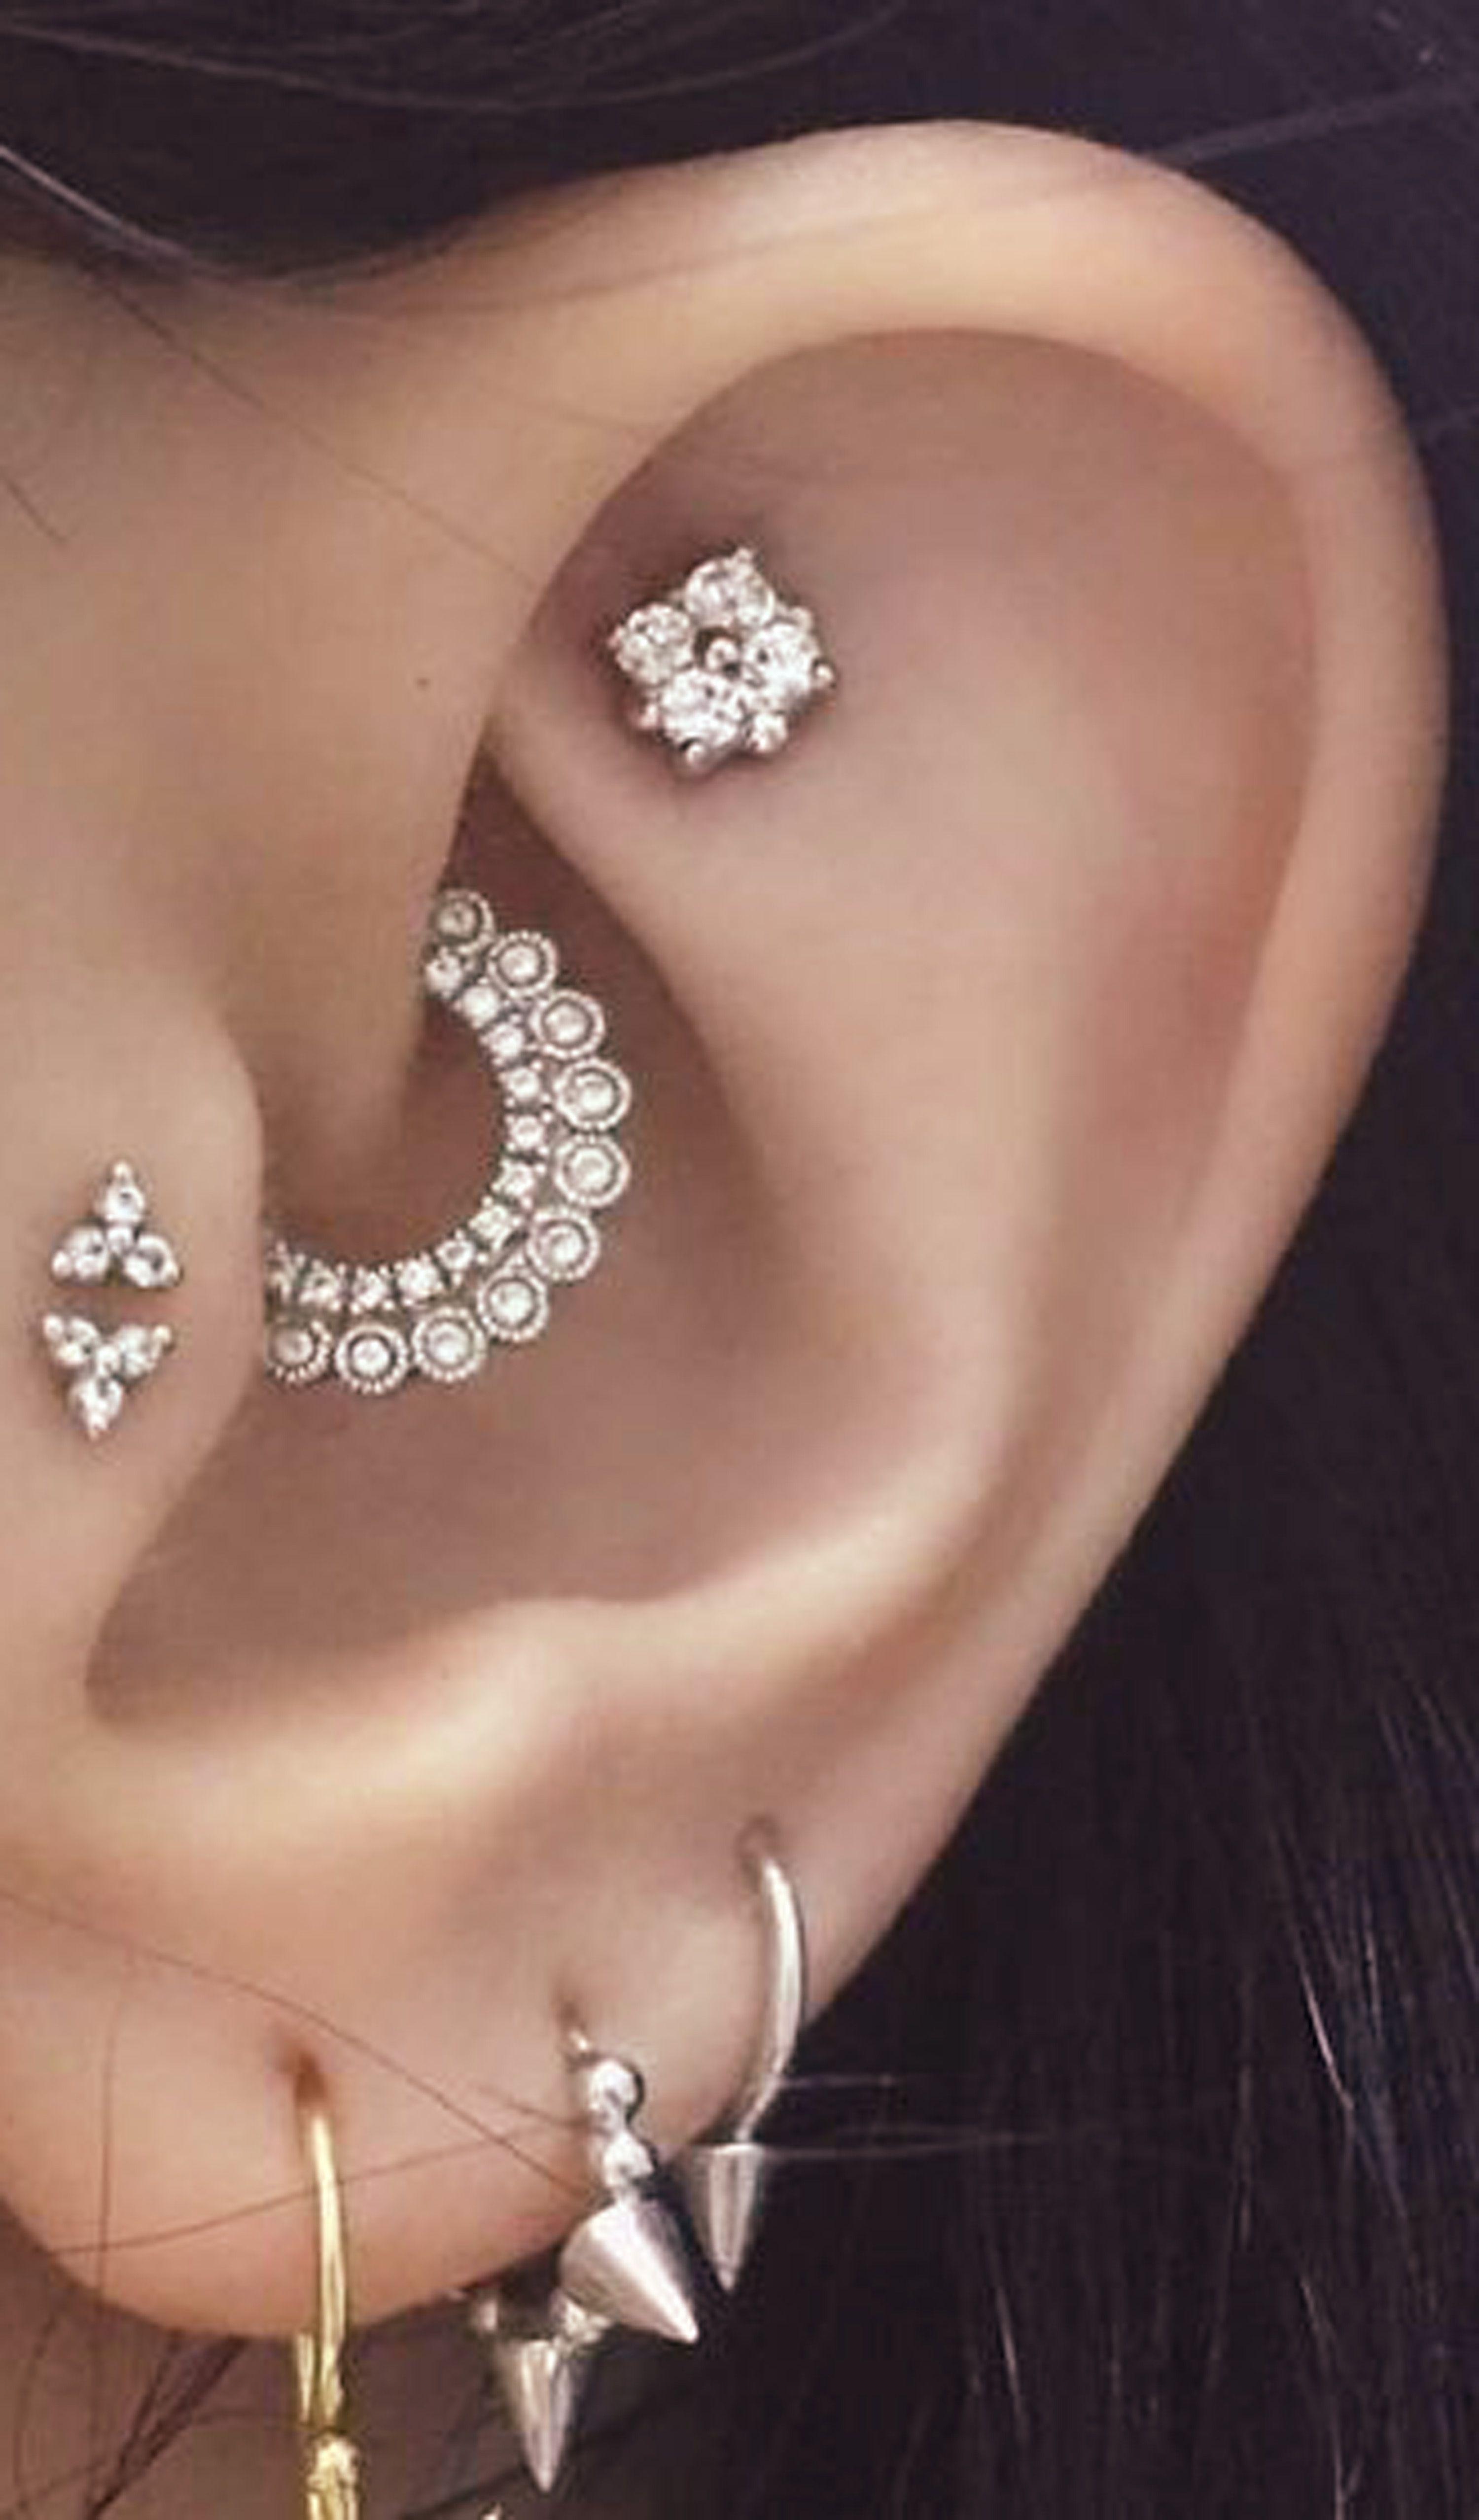 Clover Crystal Flower Ear Piercing Jewelry 16G Earring ...